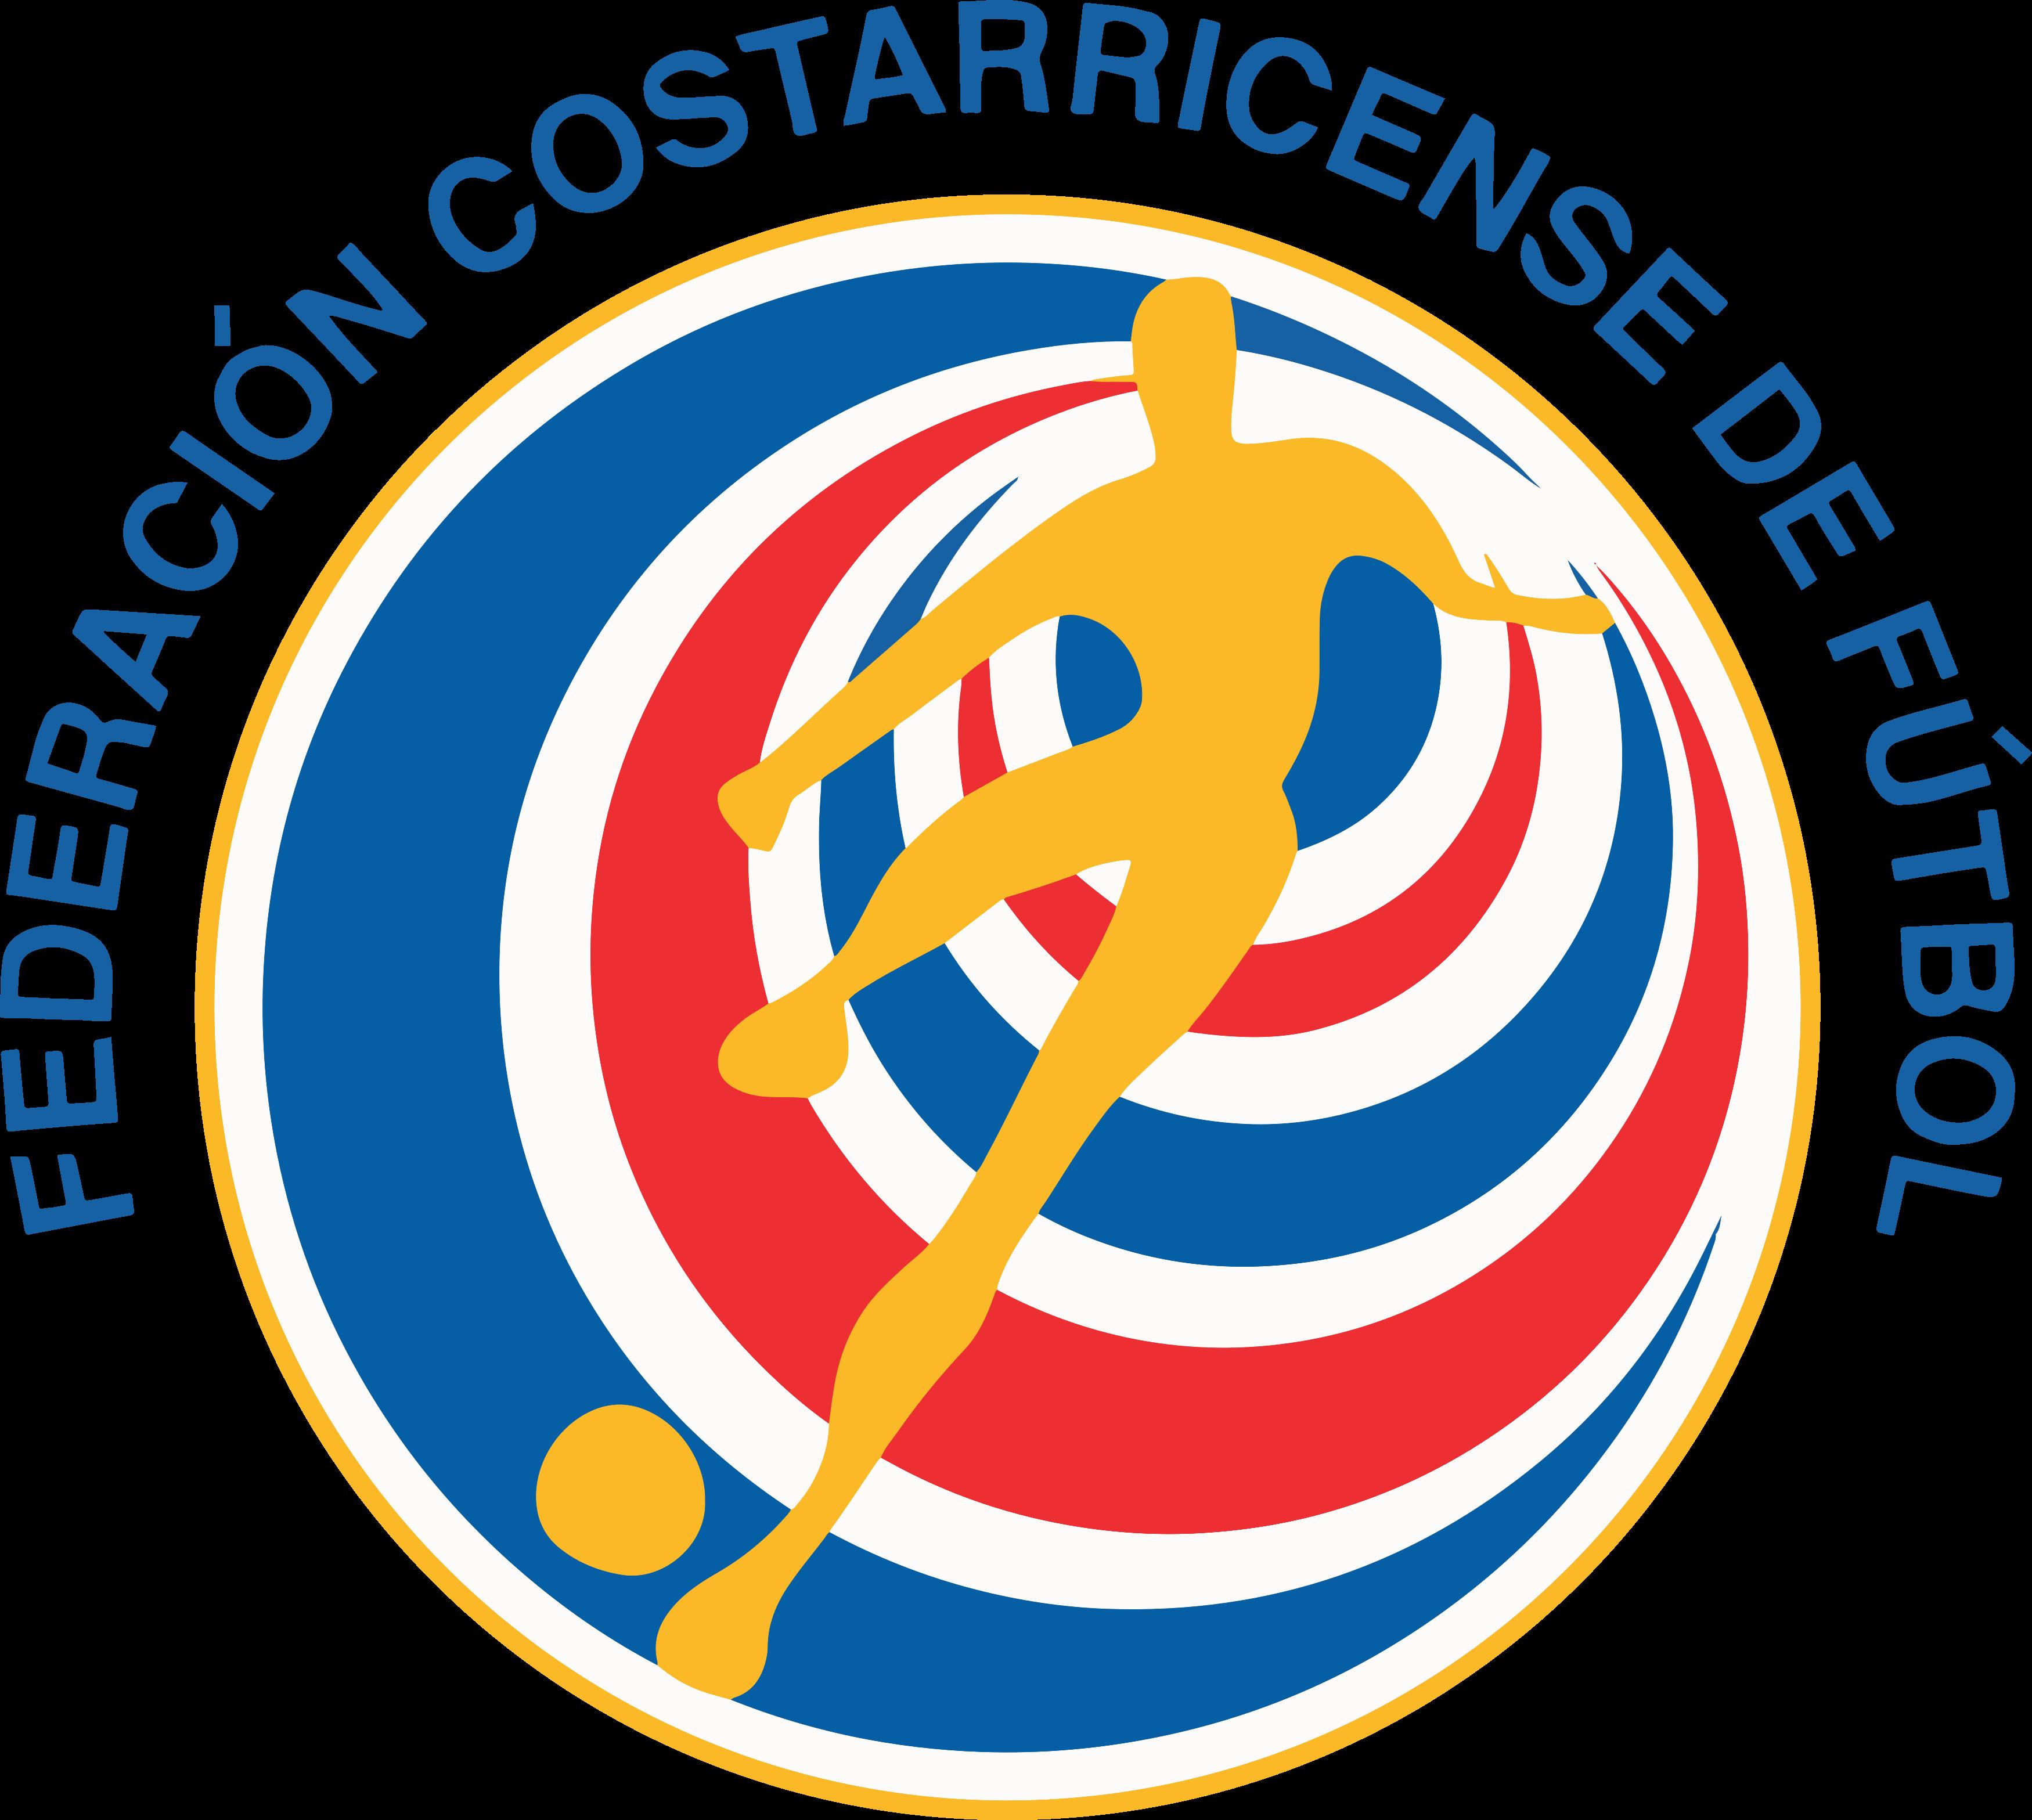 Seleção Costa Rica Futebol Logo escudo.